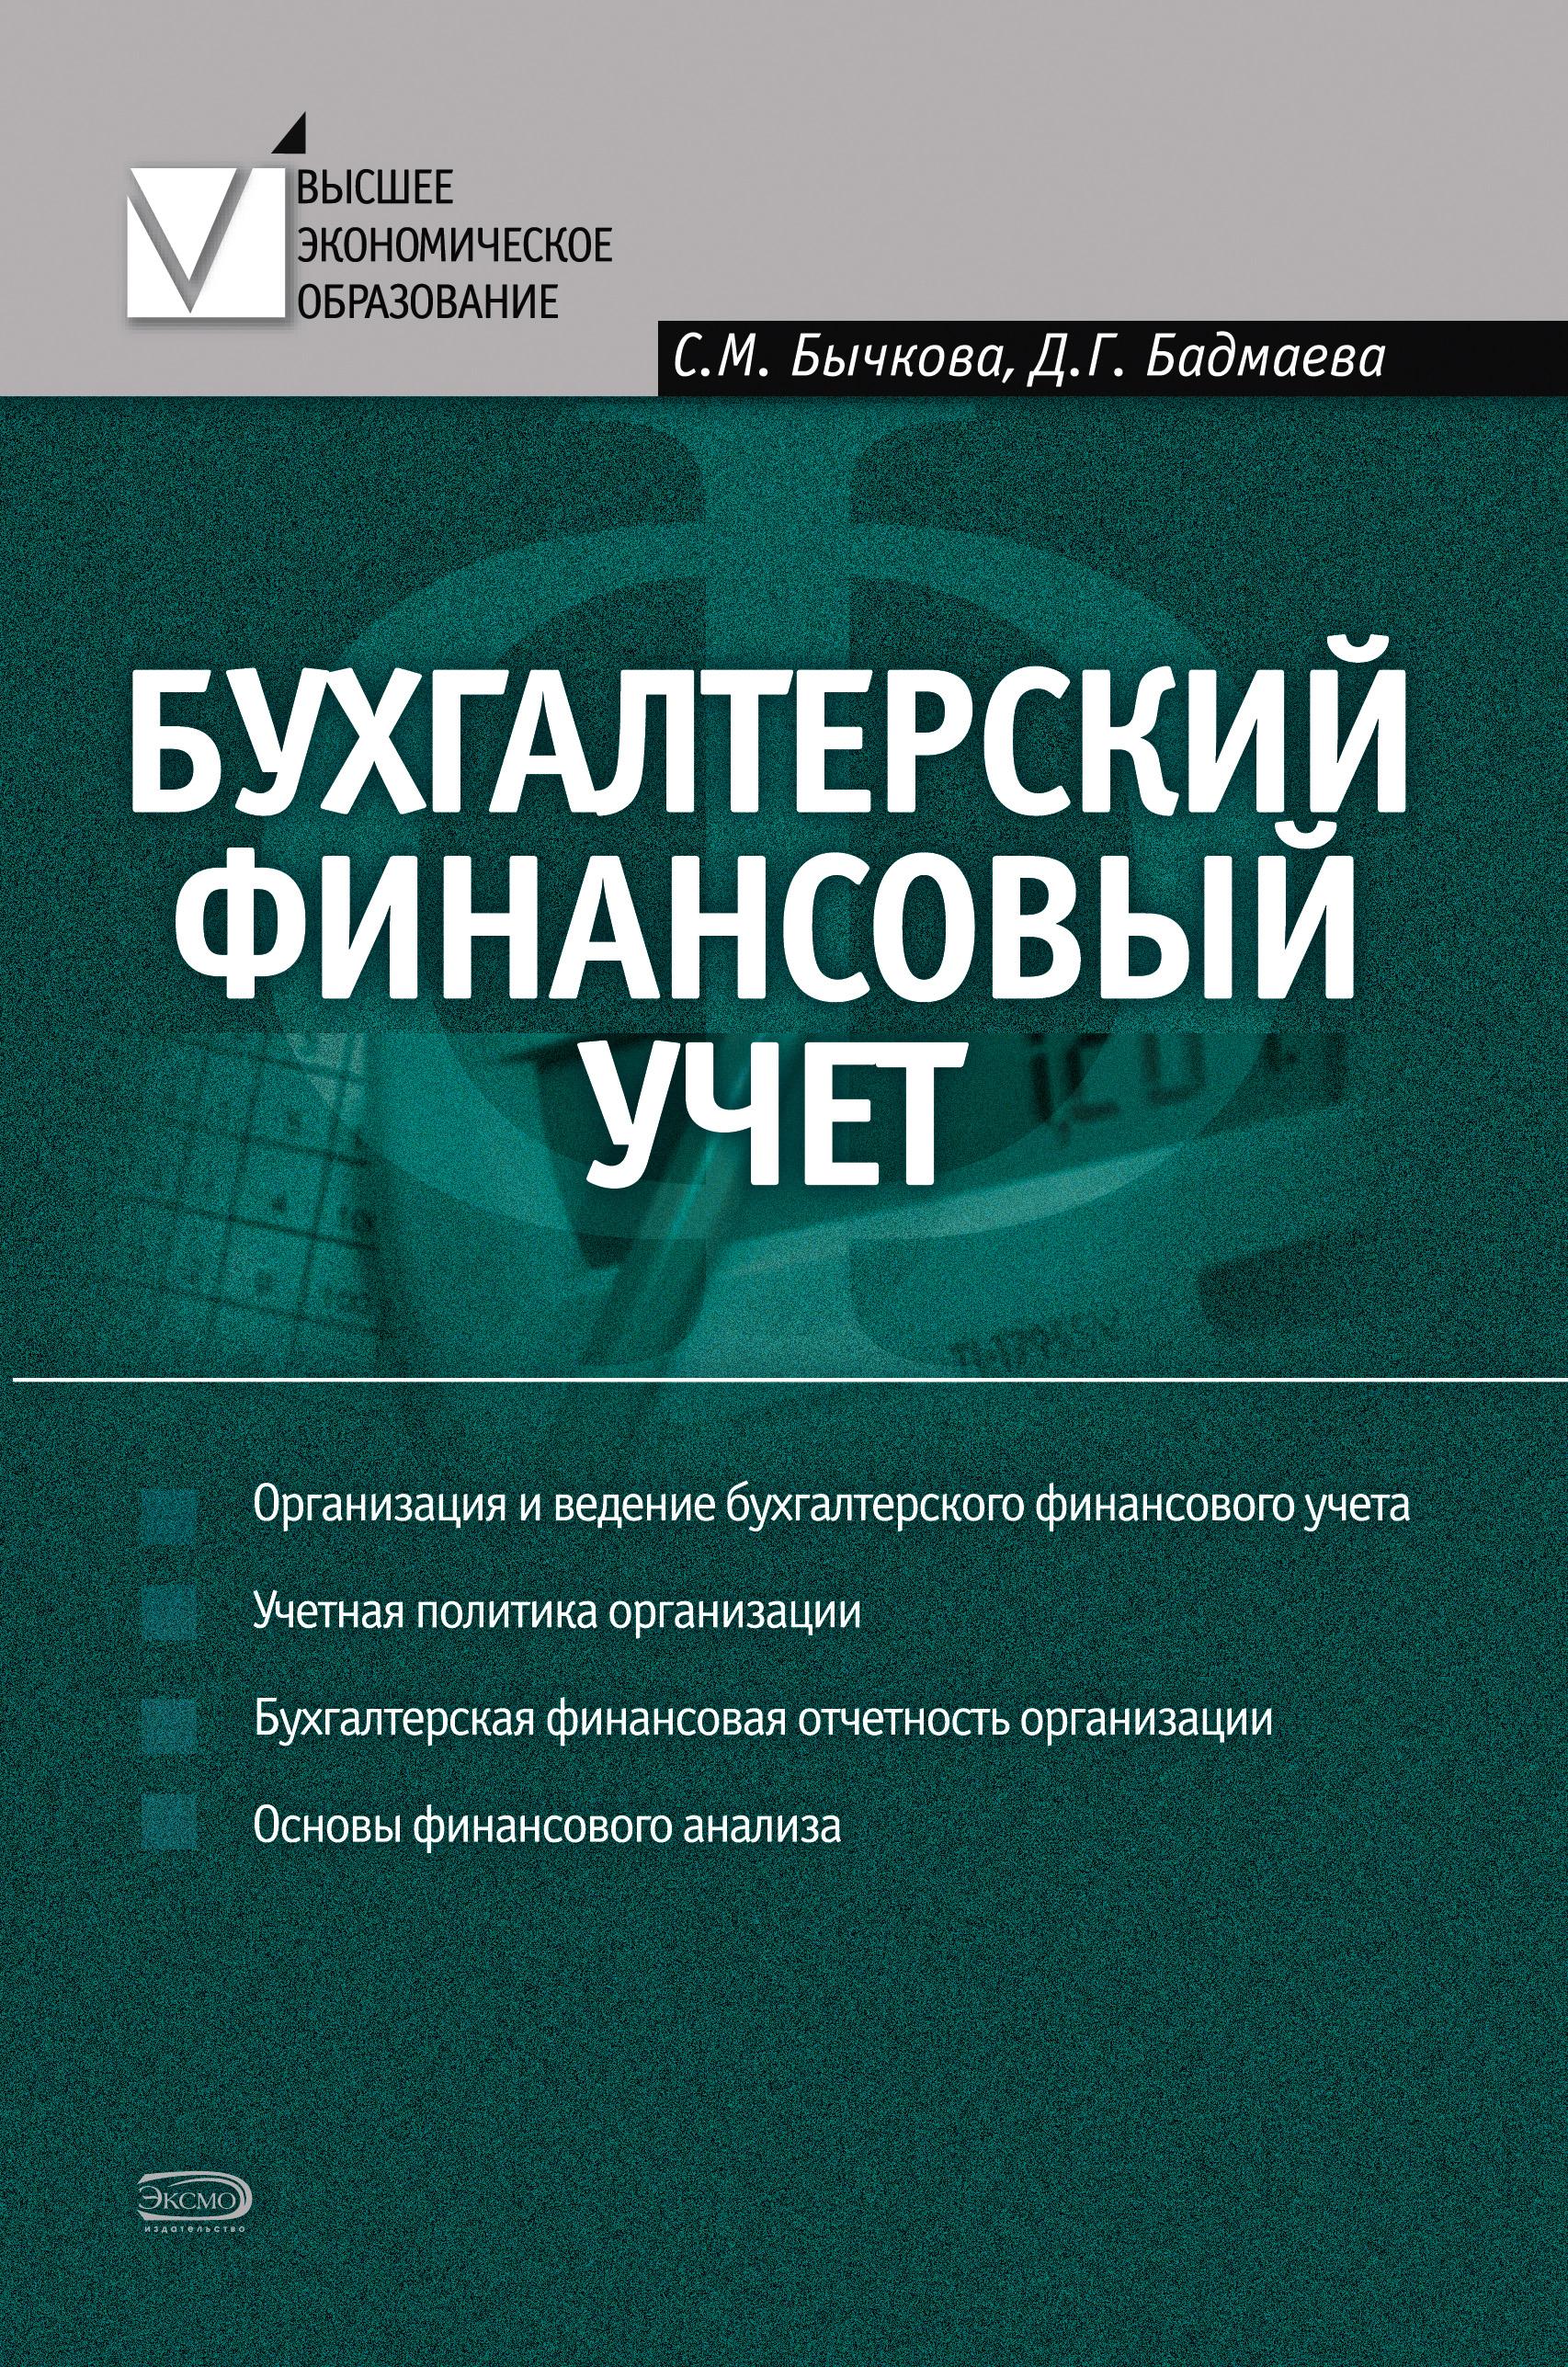 Книга для бухгалтеров религиозных организаций договор оказания бухгалтерских услуг ооо с ип